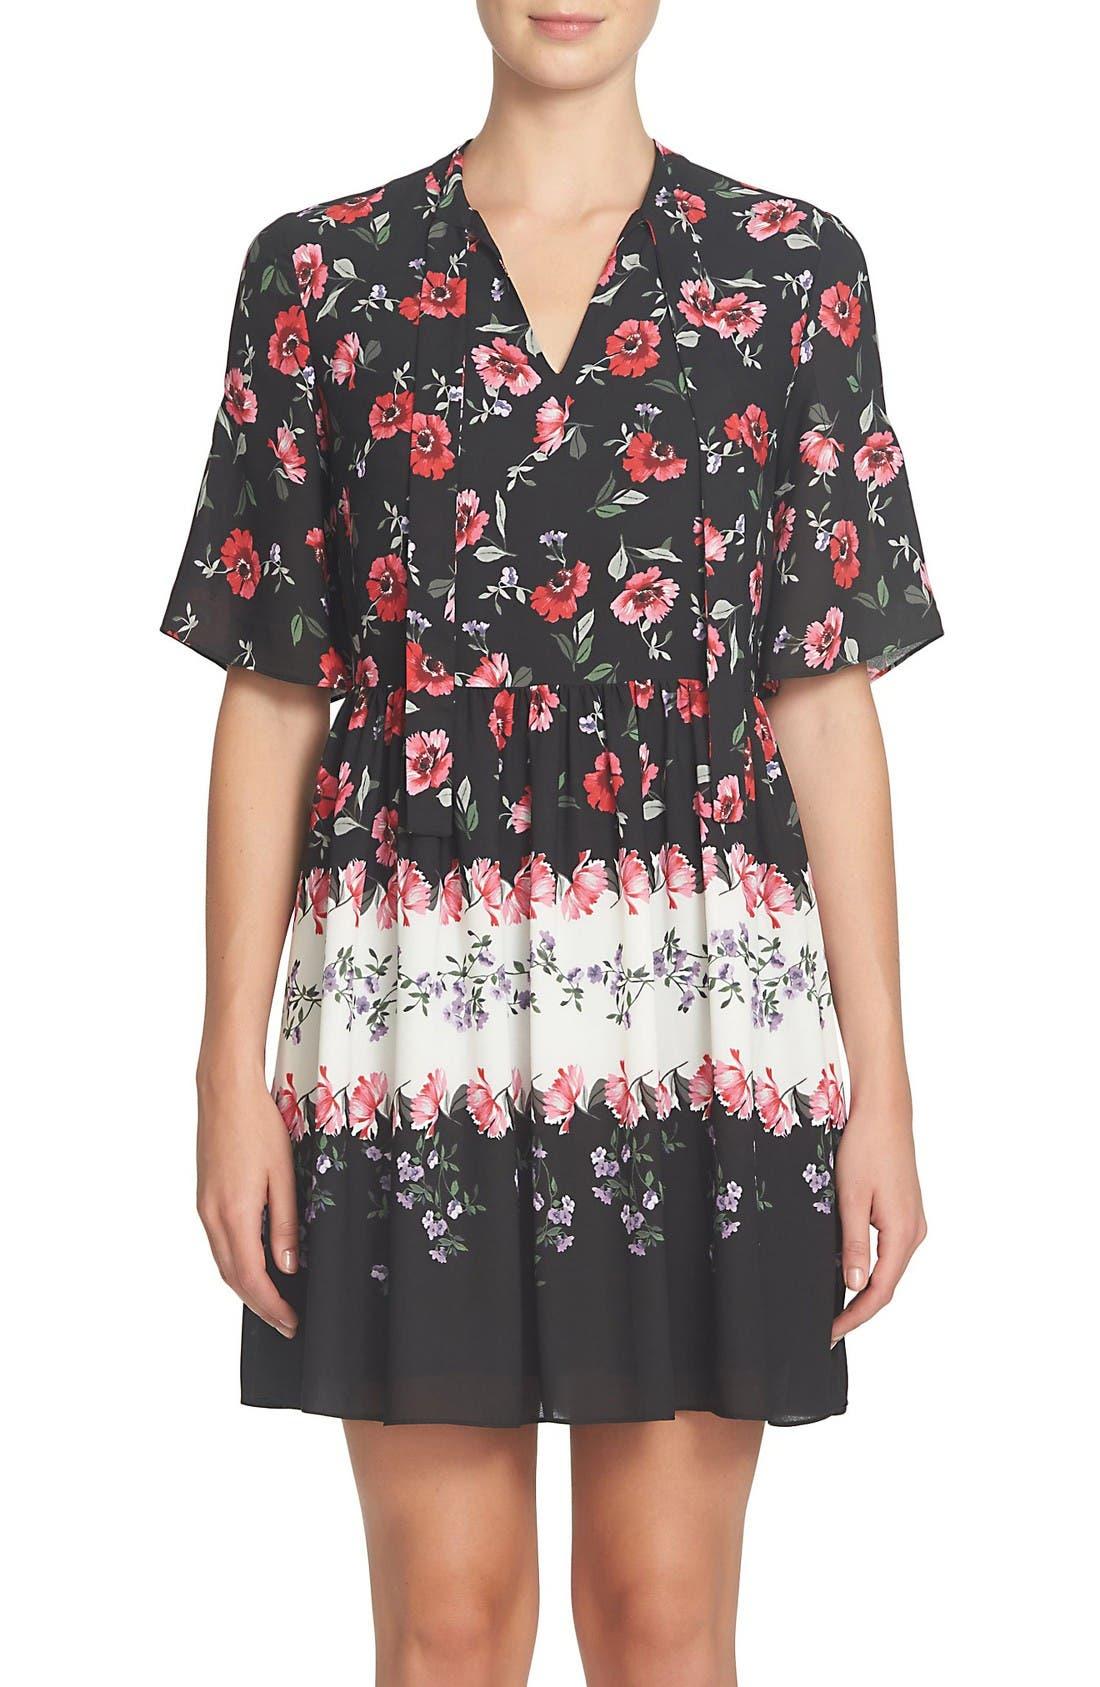 Alternate Image 1 Selected - CeCe Elise Floral Dress (Regular & Petite)